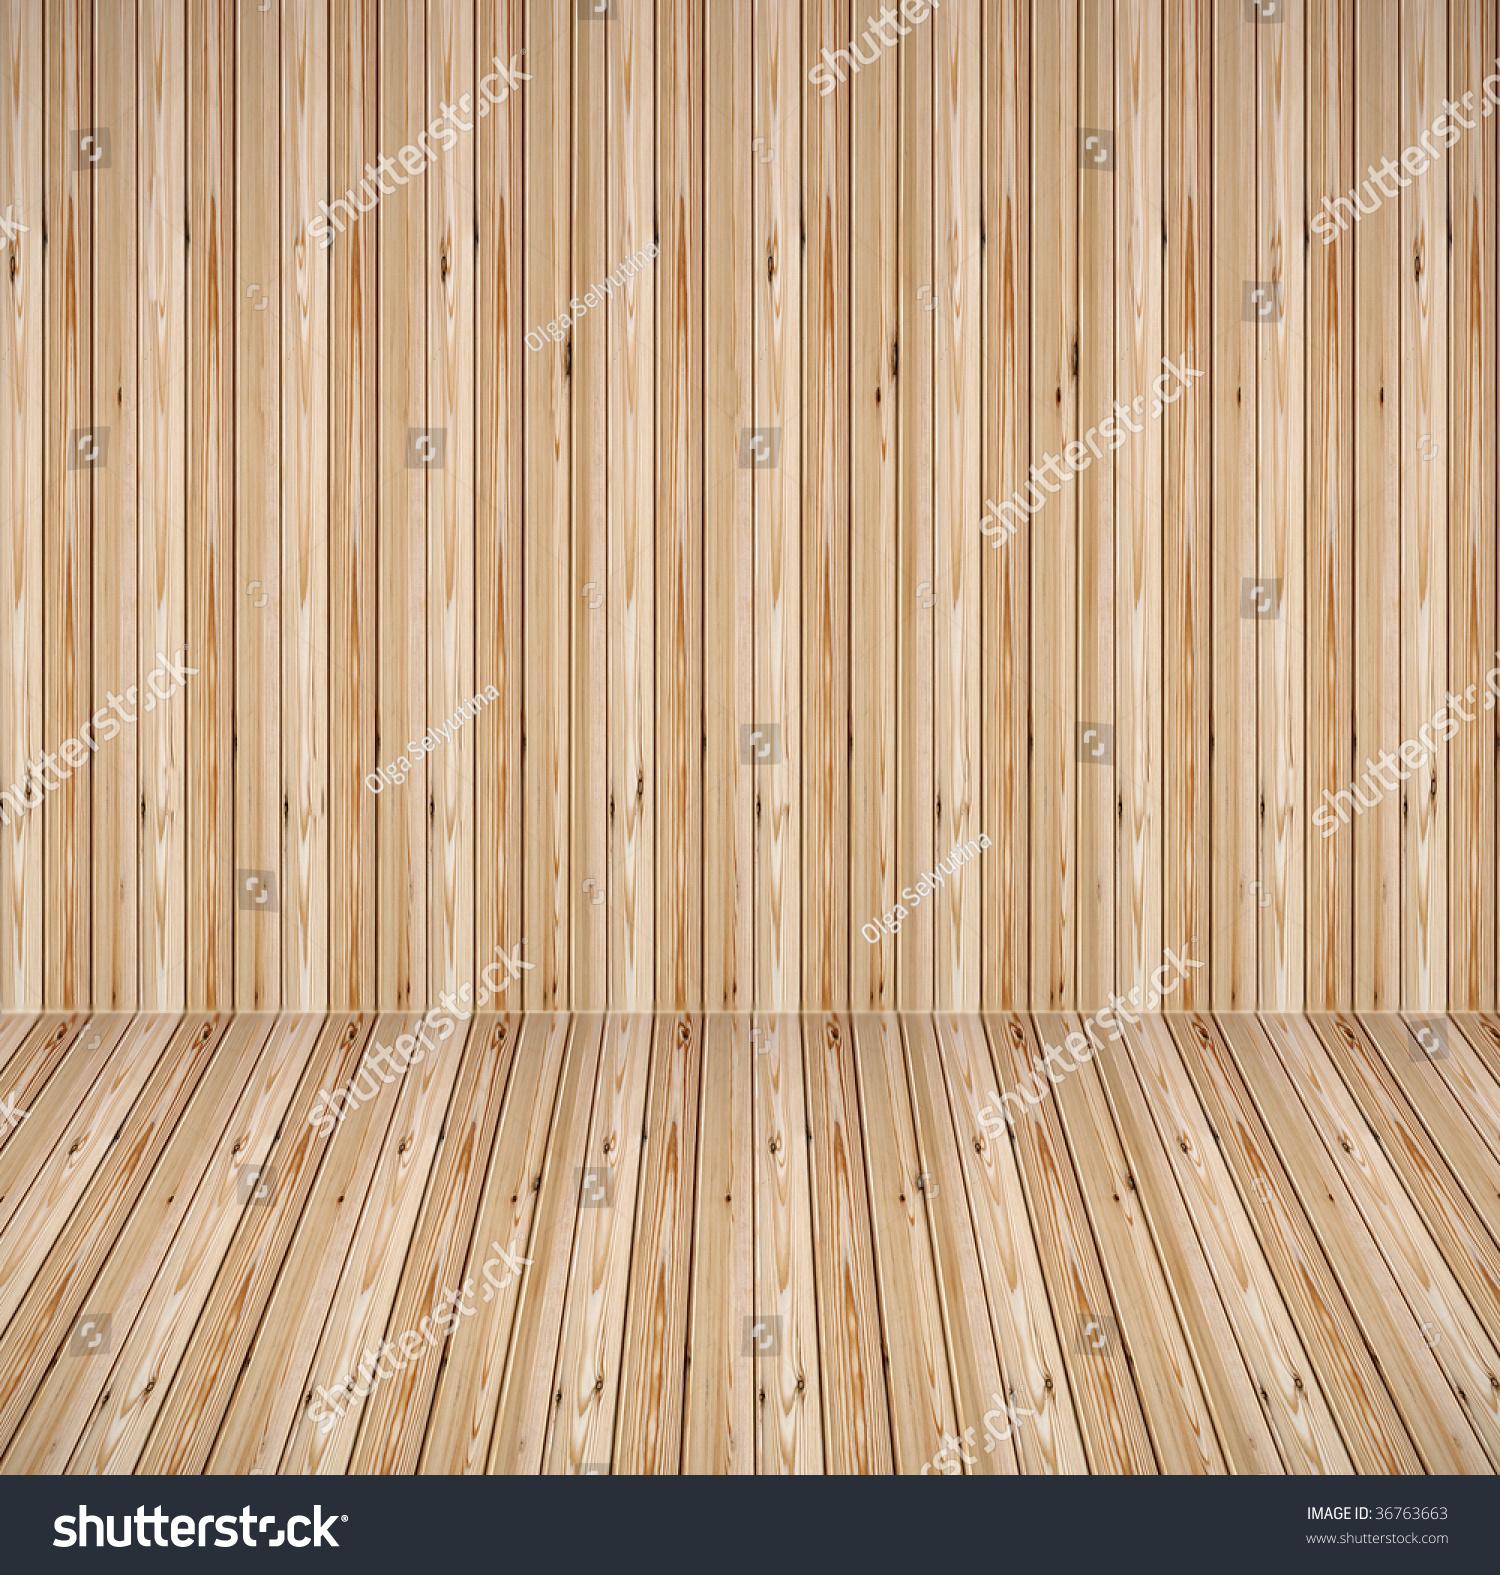 木屋客厅背景素材